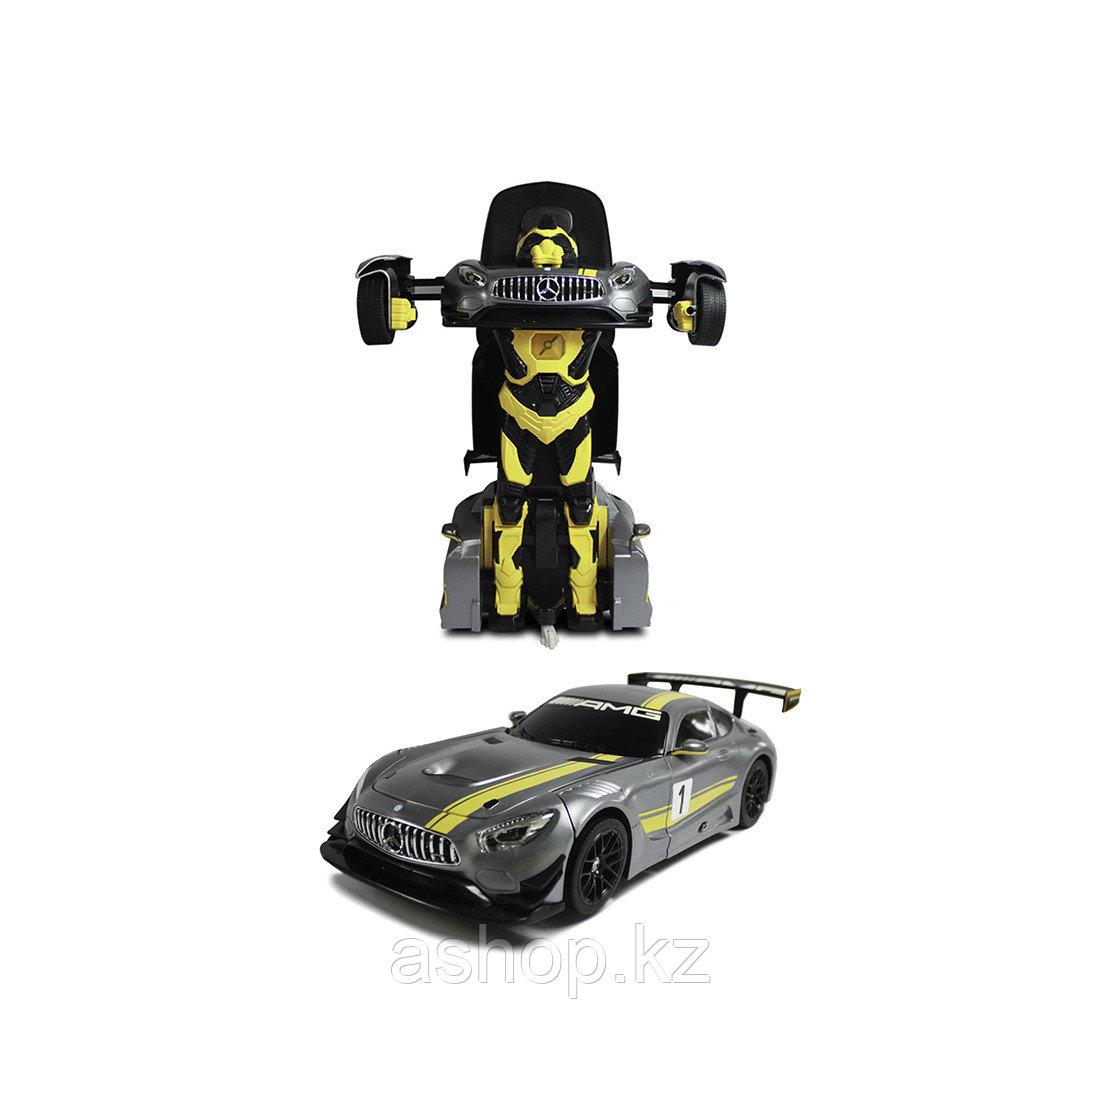 Игрушка трансформер Rastar Mercedes-Benz GT3, Управление: Пульт дистанционного управления - 2,4ГГц, Трансформа - фото 3